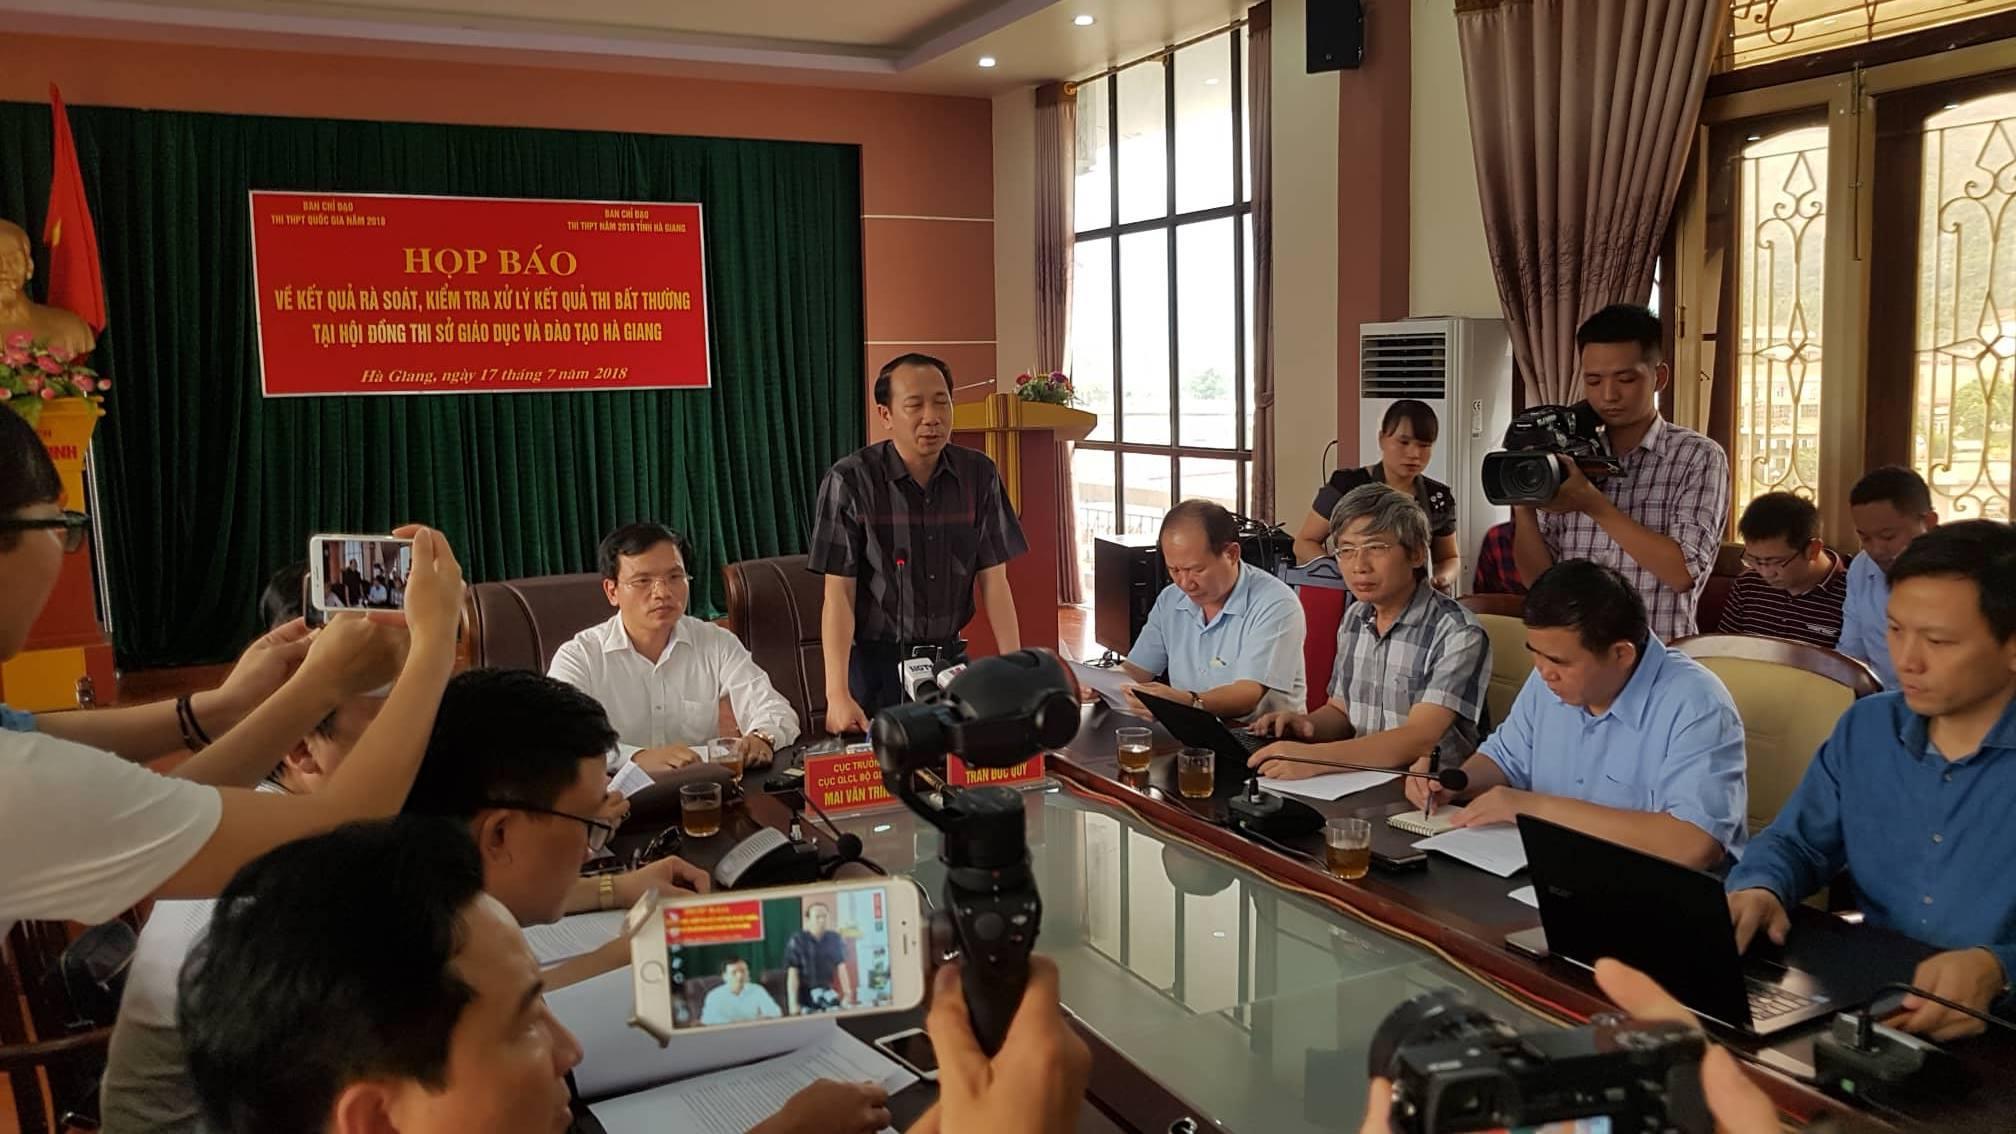 điểm thi bất thường ở Hà Giang,Hà Giang,Thi THPT quốc gia,gian lận thi cử